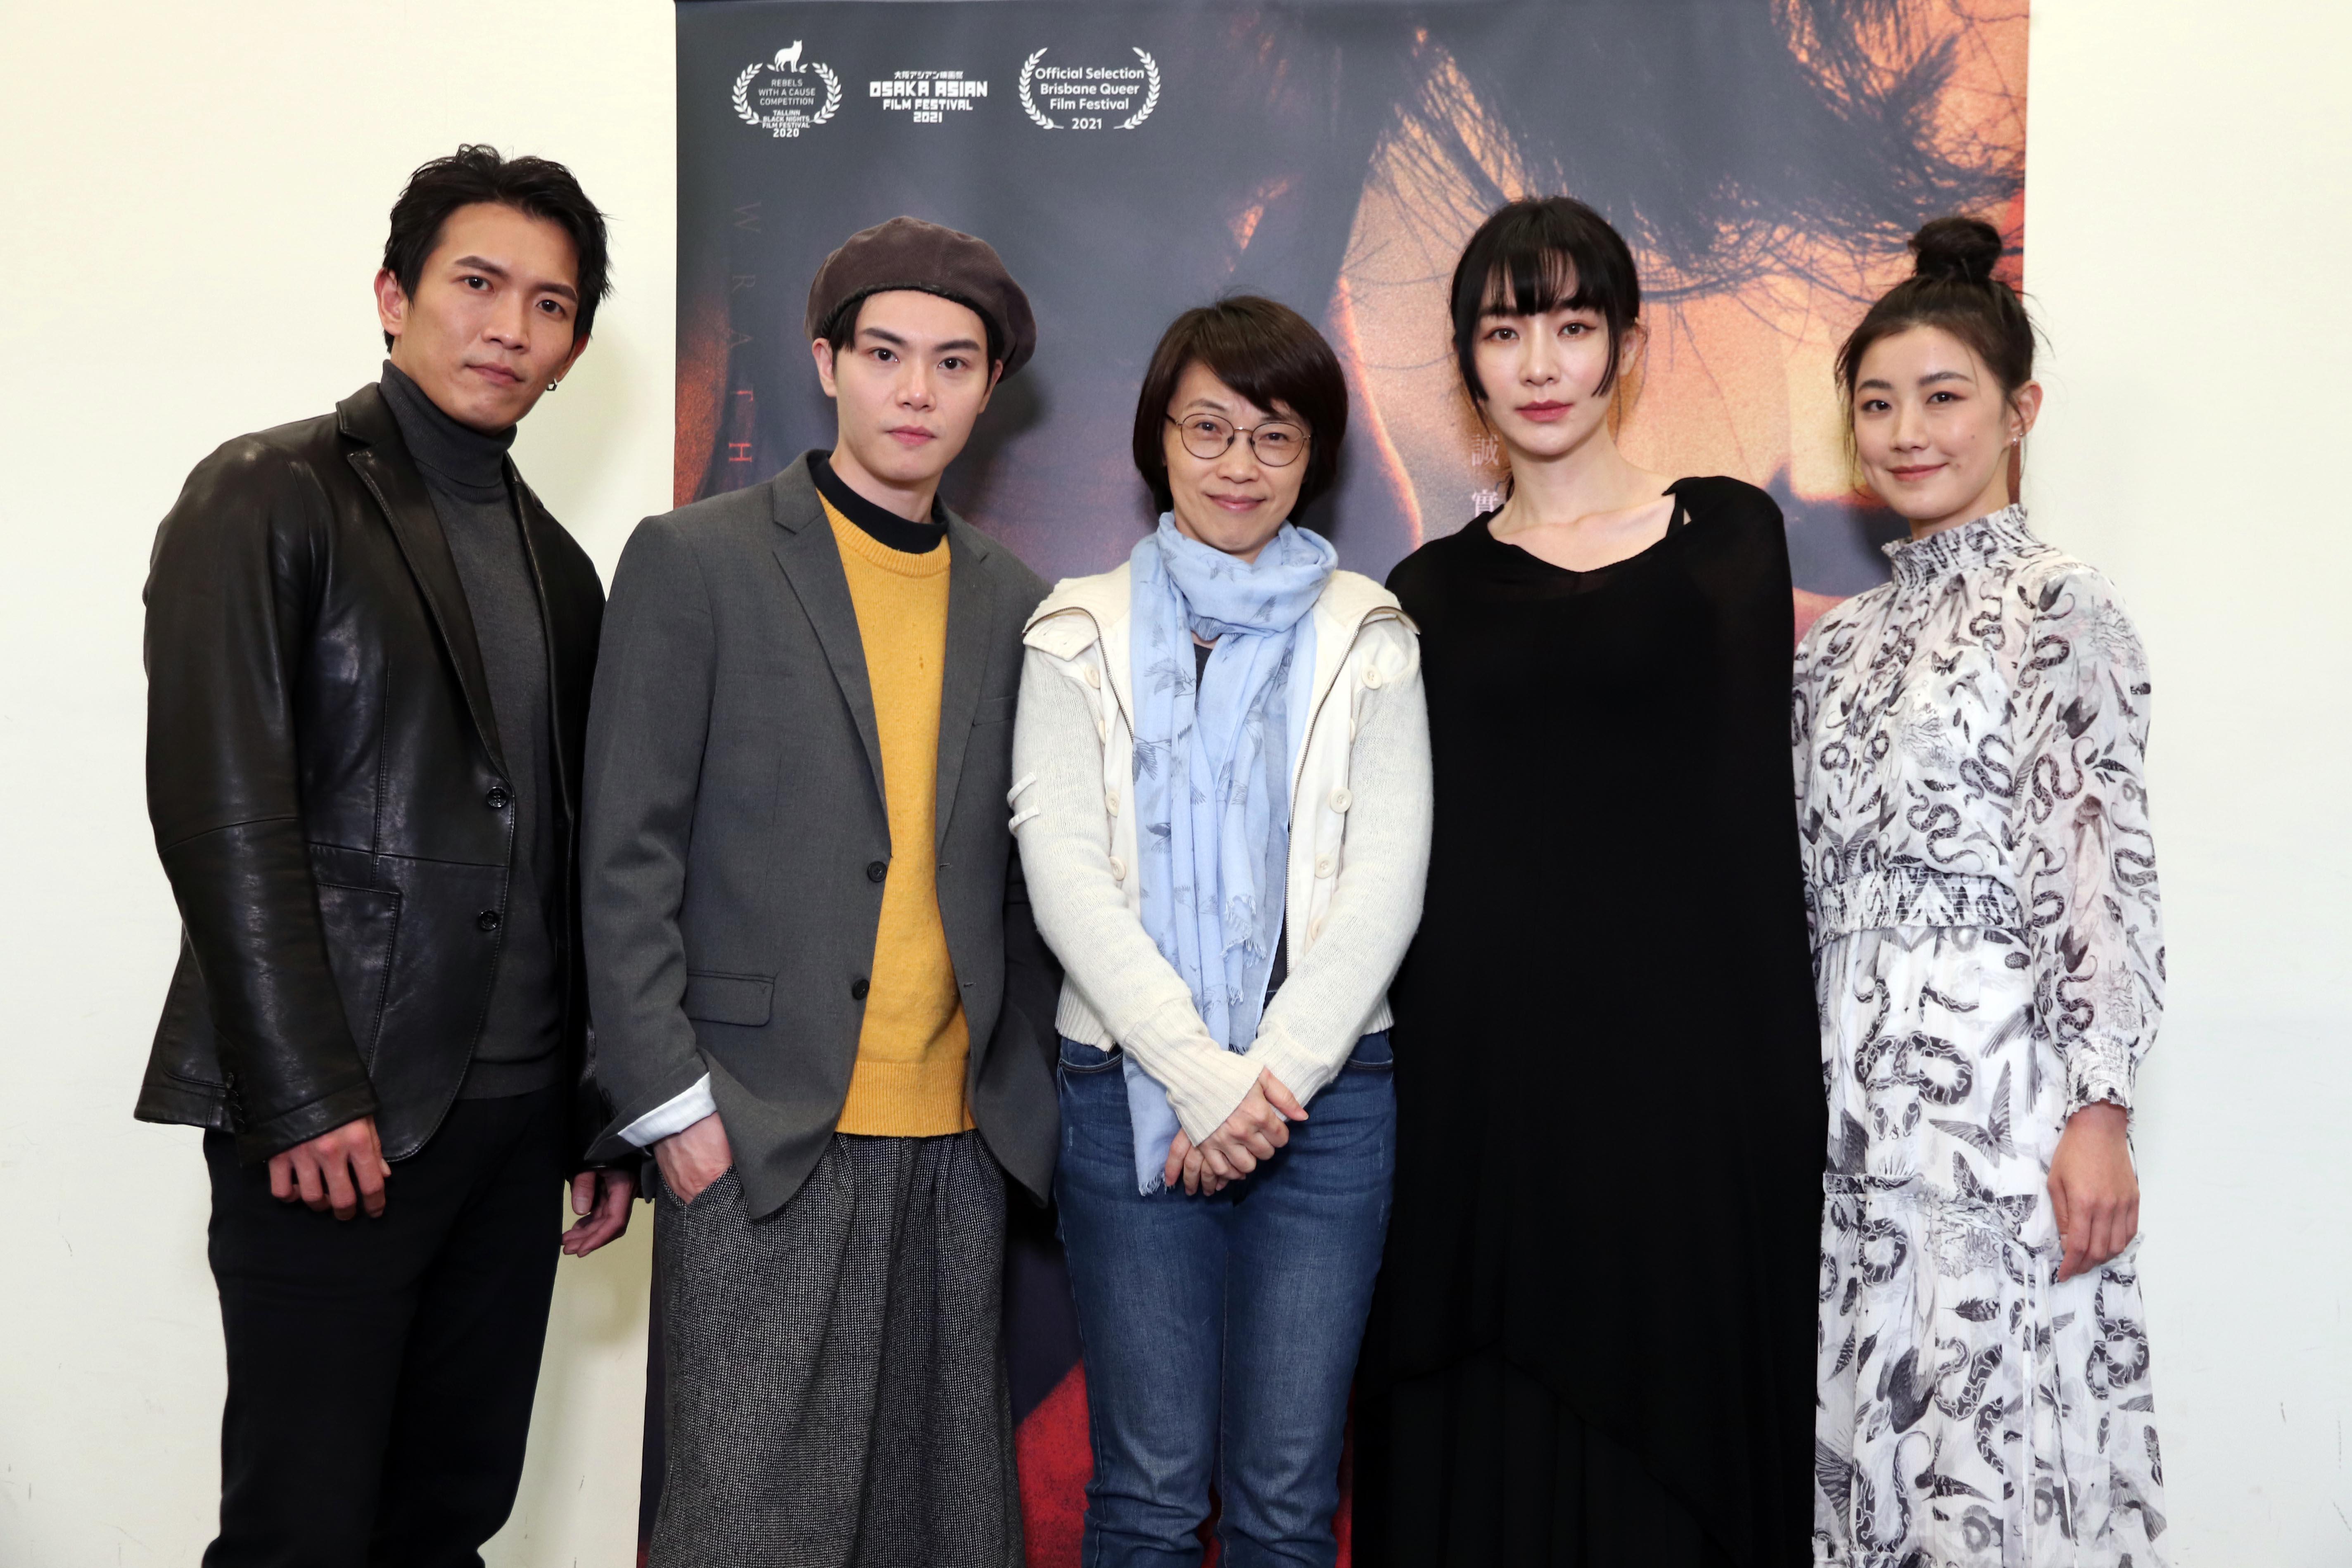 周美玲導演新片《愛・殺》,女女超尺度床戲挑戰人性情慾感官